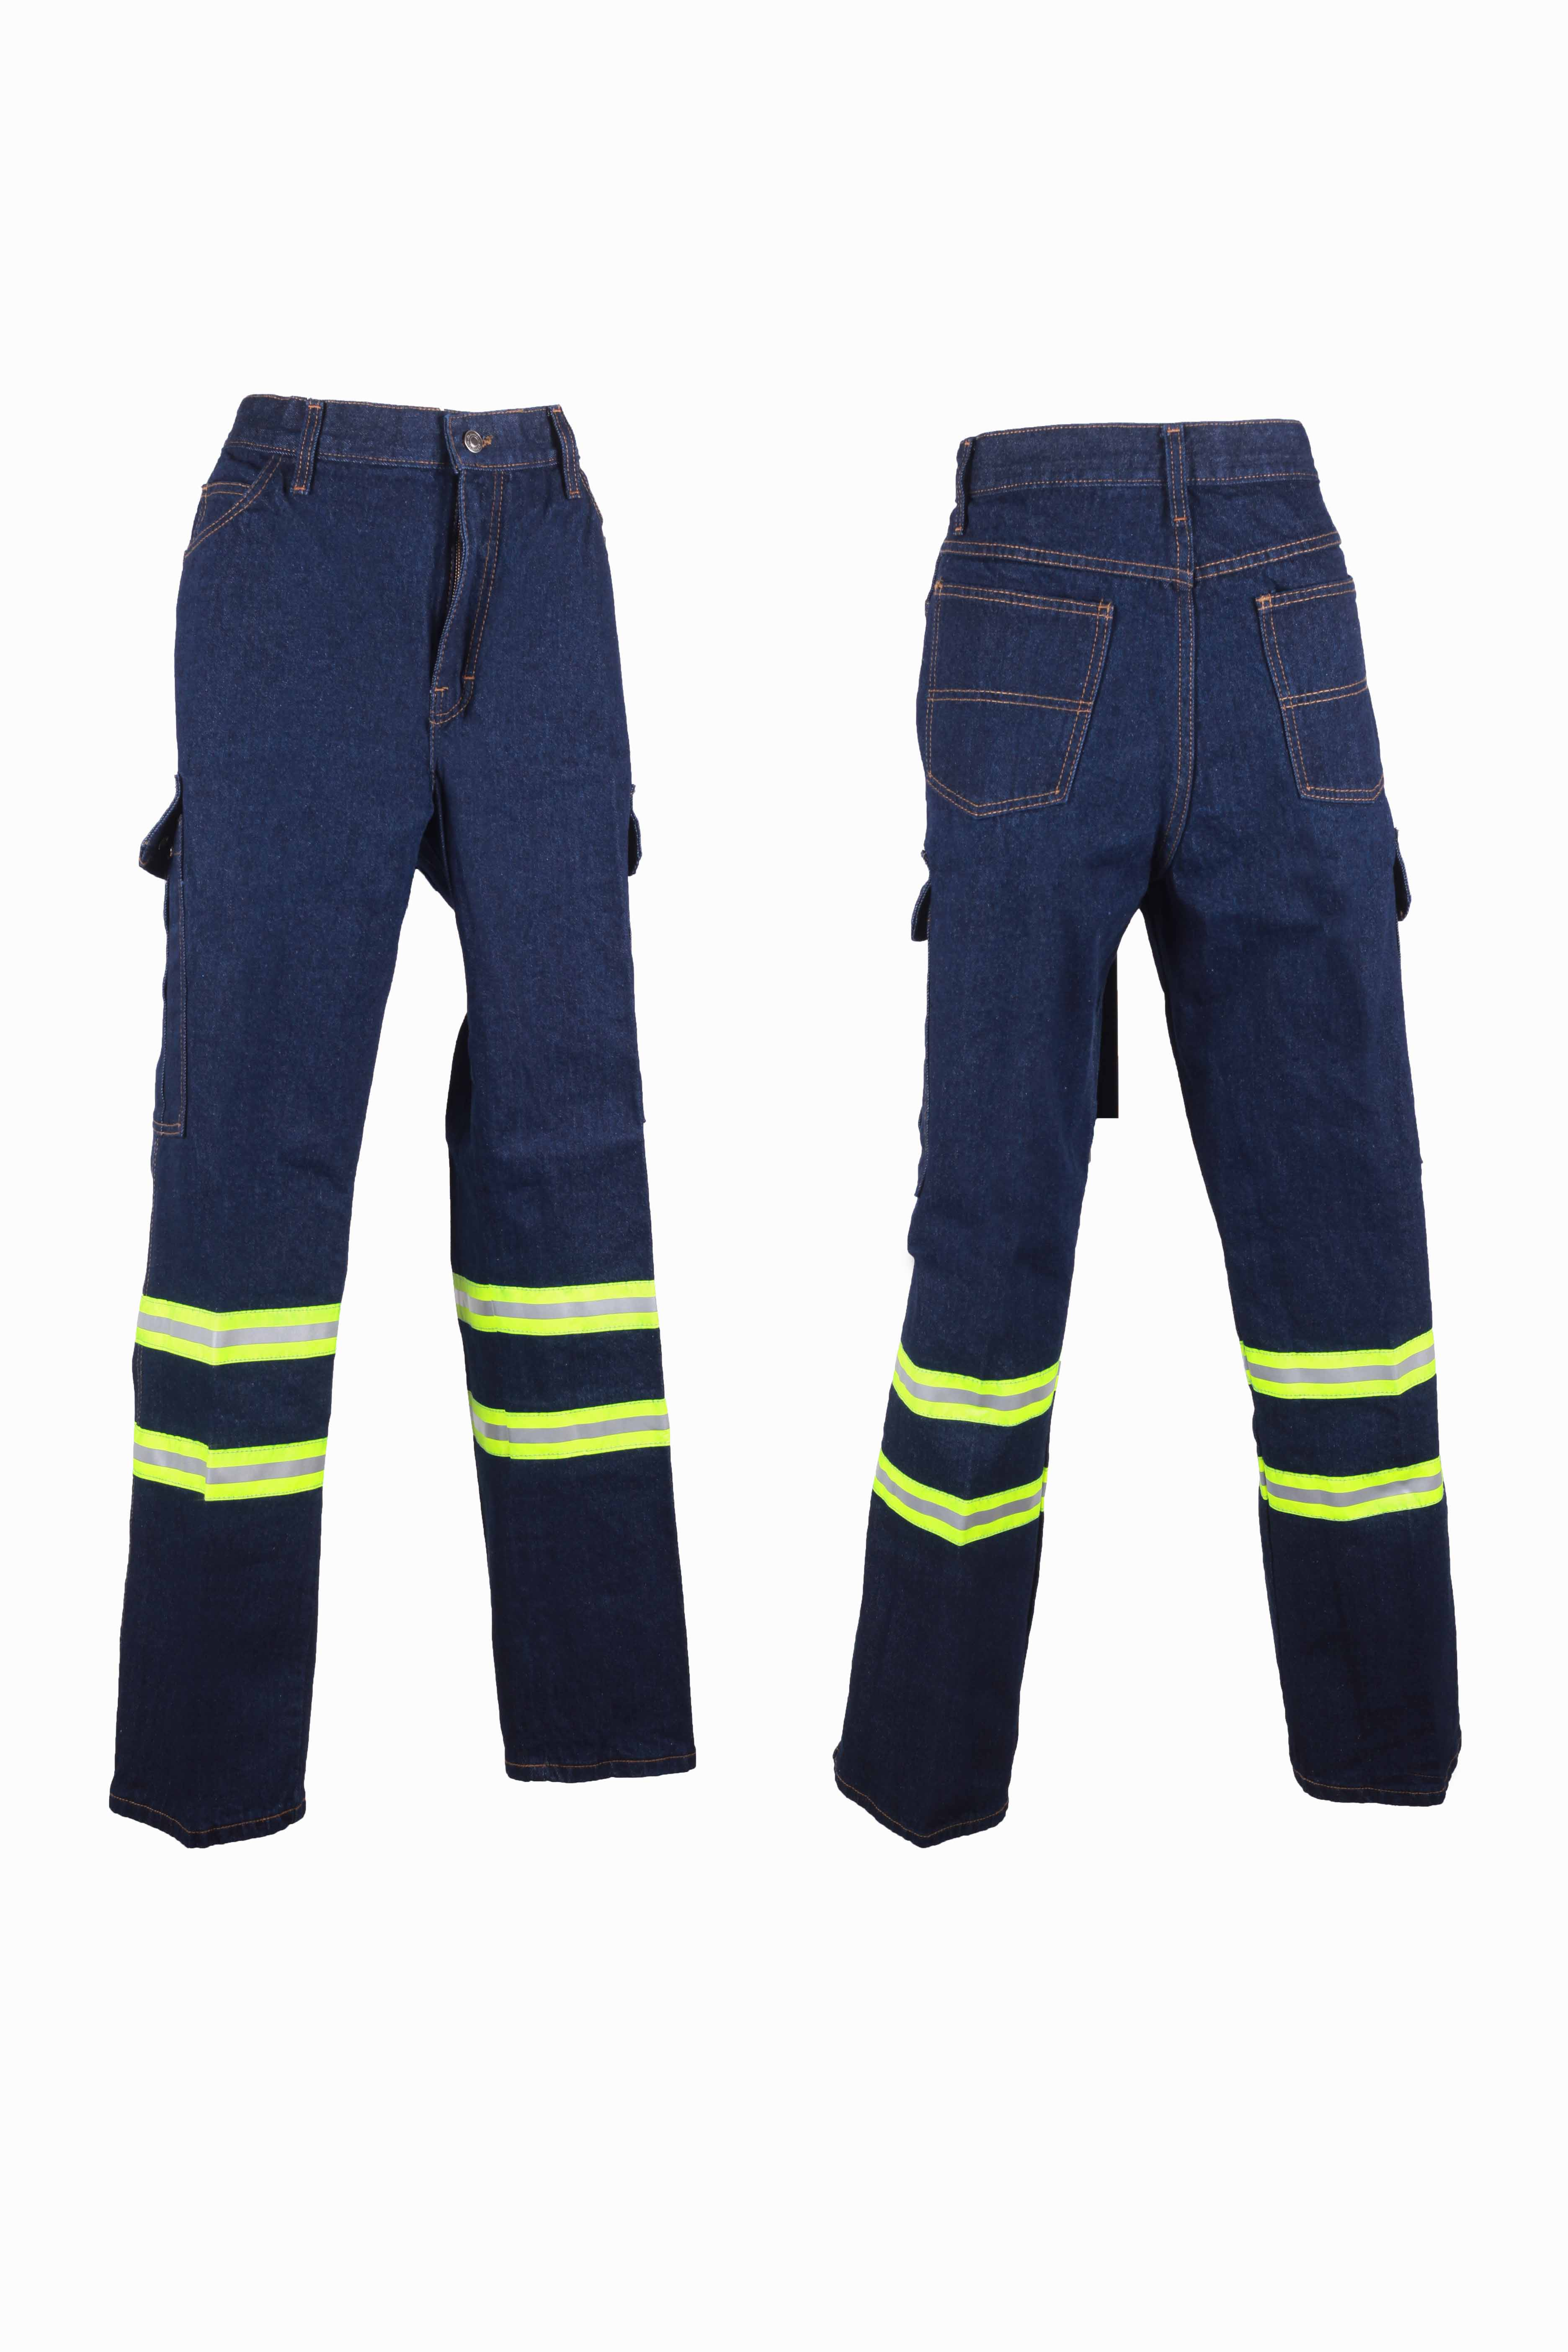 Pantalones De Mezclilla Confecciones Colibri